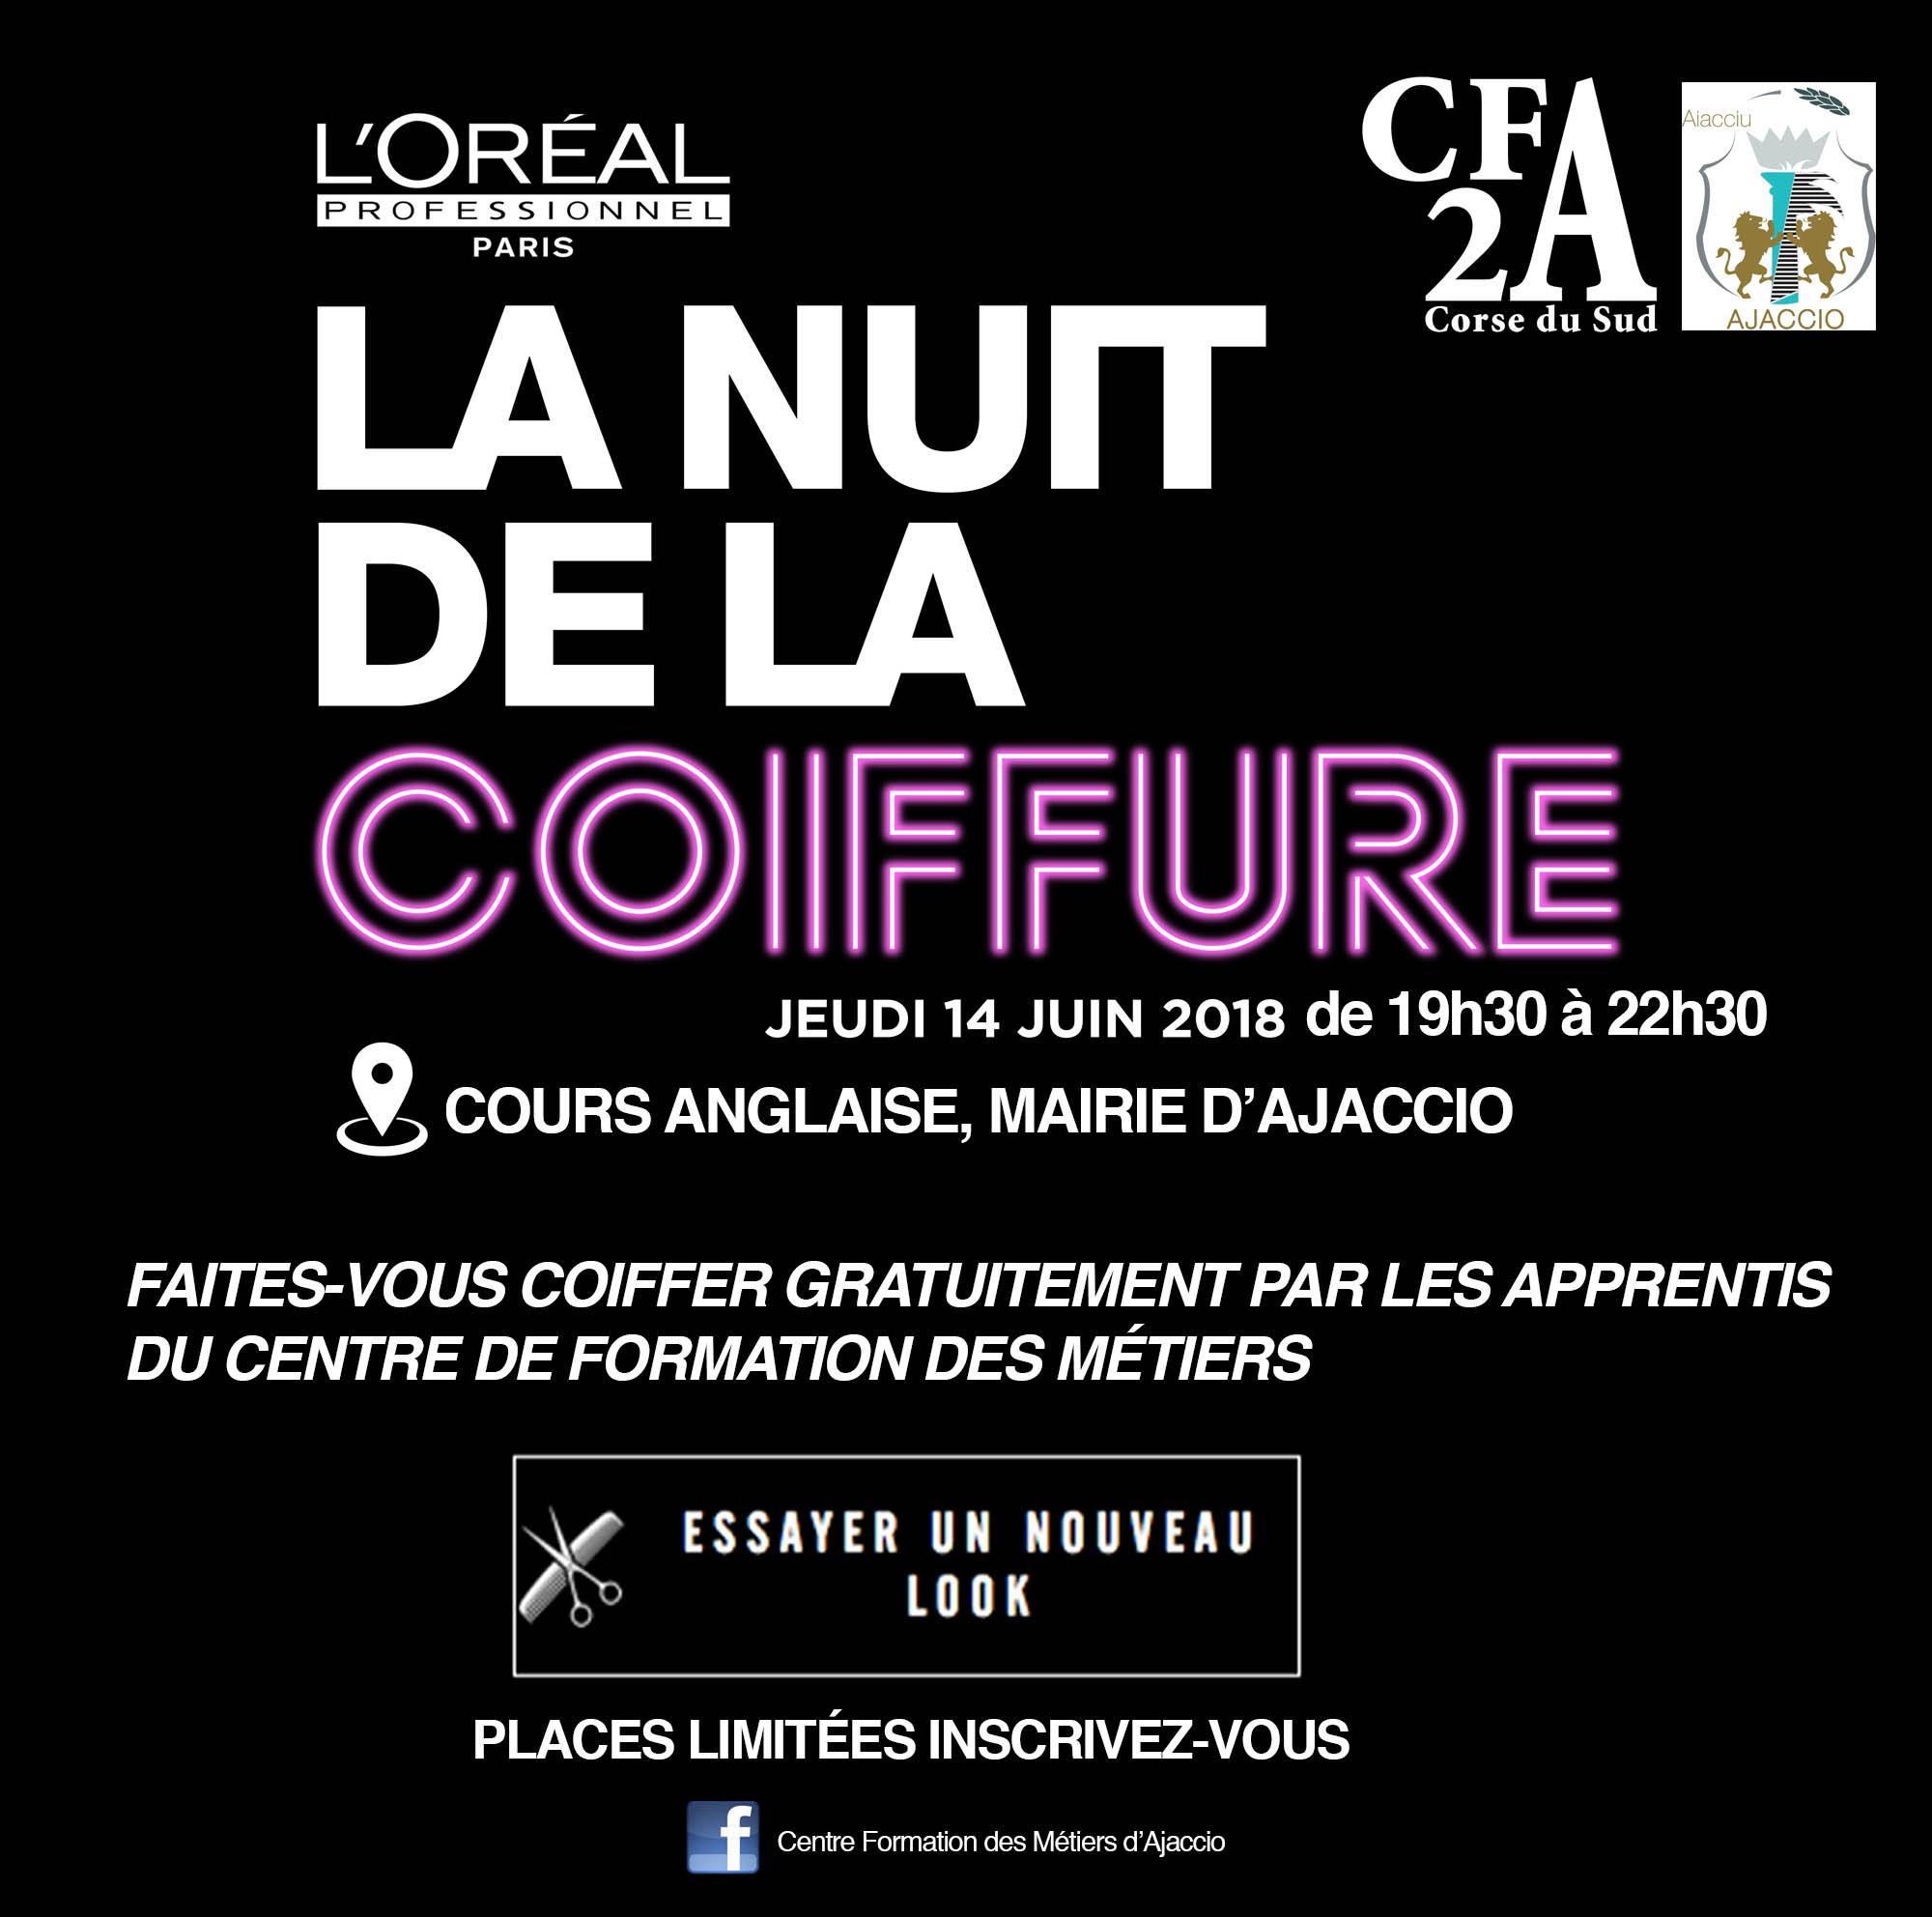 La Nuit de la Coiffure jeudi 14 juin à l'hôtel de ville